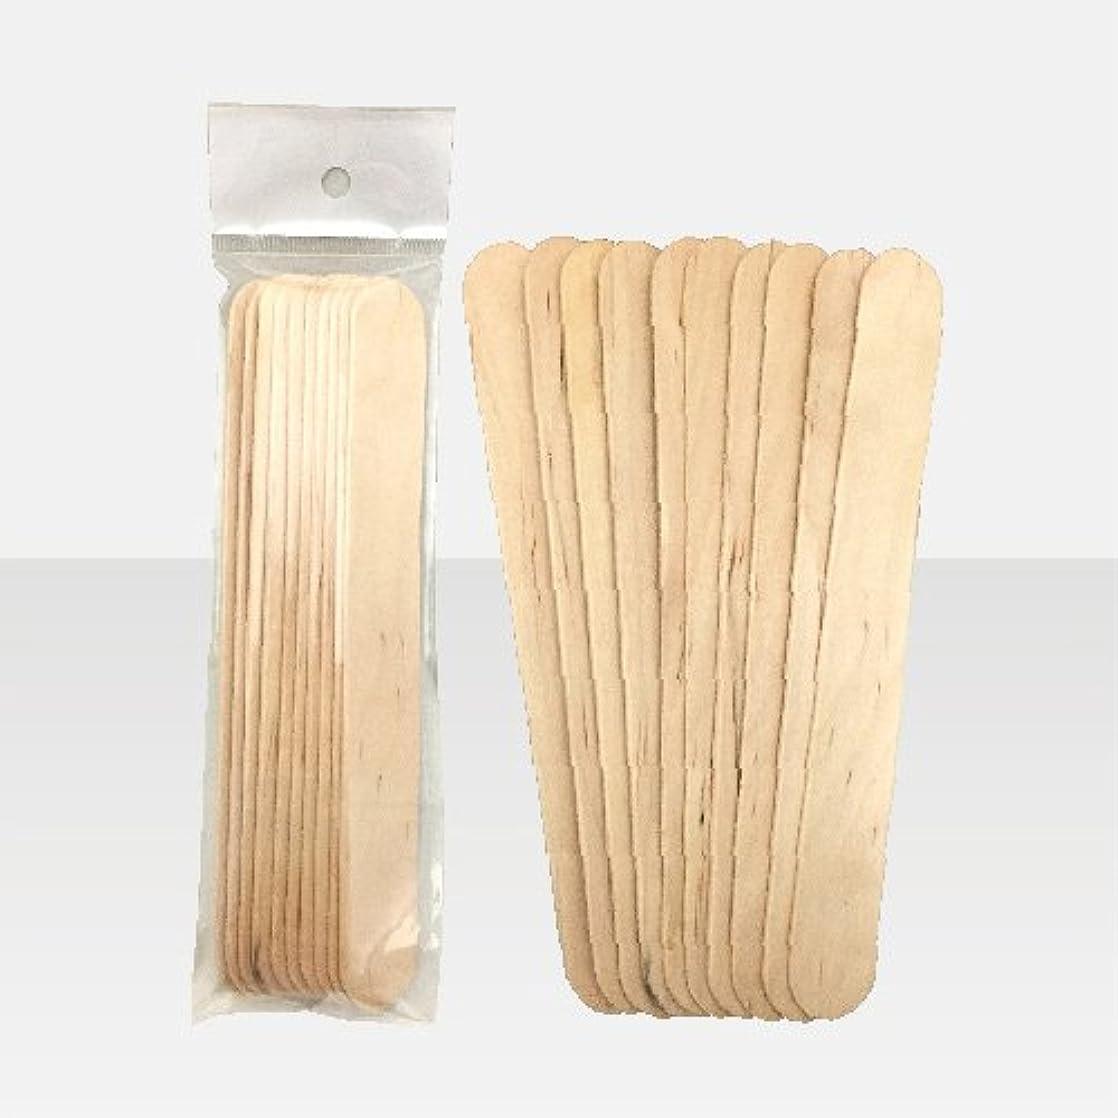 看板兵隊予防接種するブラジリアンワックス 脱毛ワックス用  ワックススパチュラ 木ベラ /10本セット Mサイズ